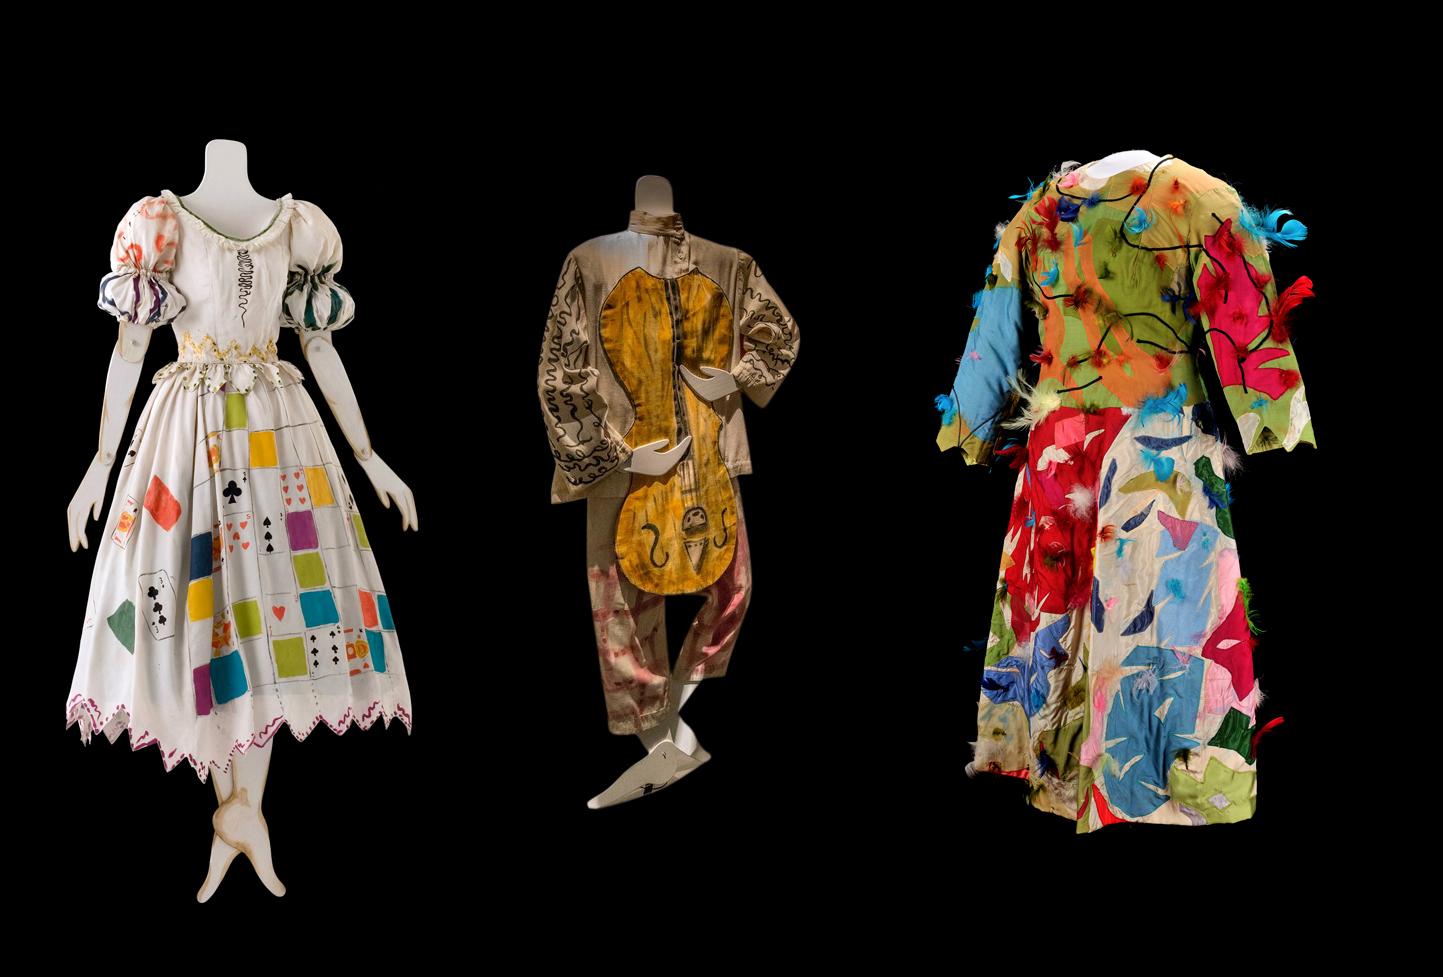 Костюмы, сшитые по эскизам Марка Шагала